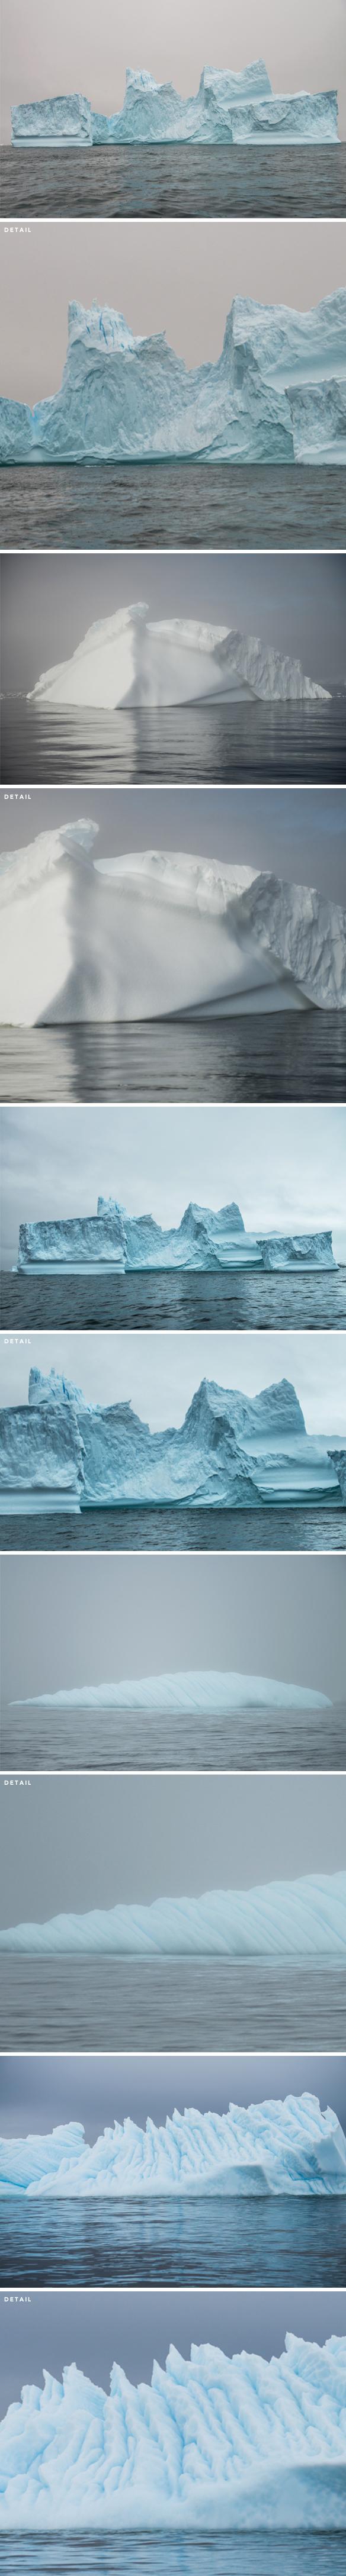 jefftopham_icebergs